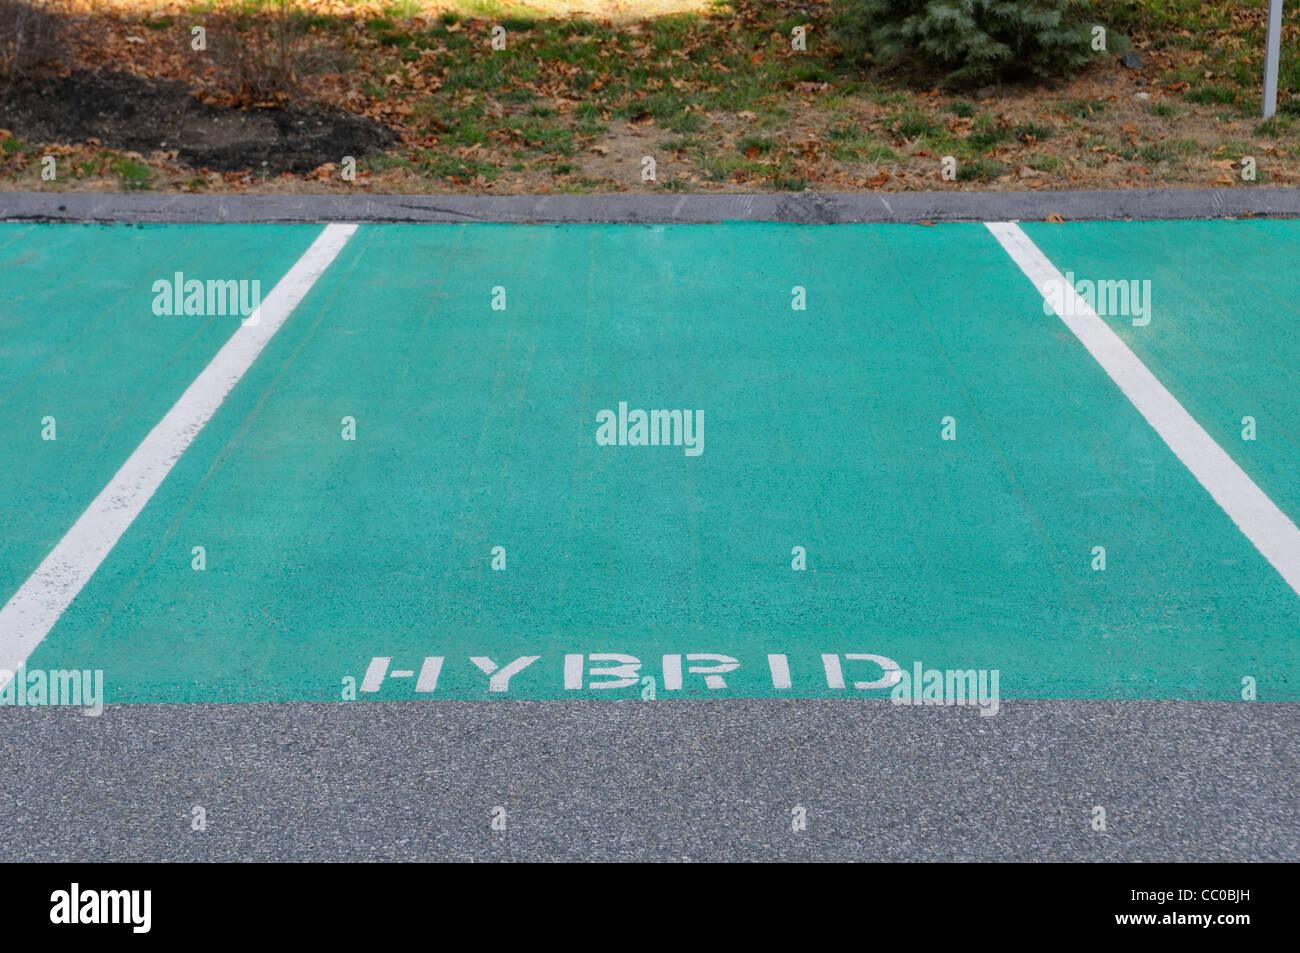 Forma preferita di spazi di parcheggio riservato per hybrid gas-elettrico auto a un eco-friendly hotel in Massachusetts Immagini Stock